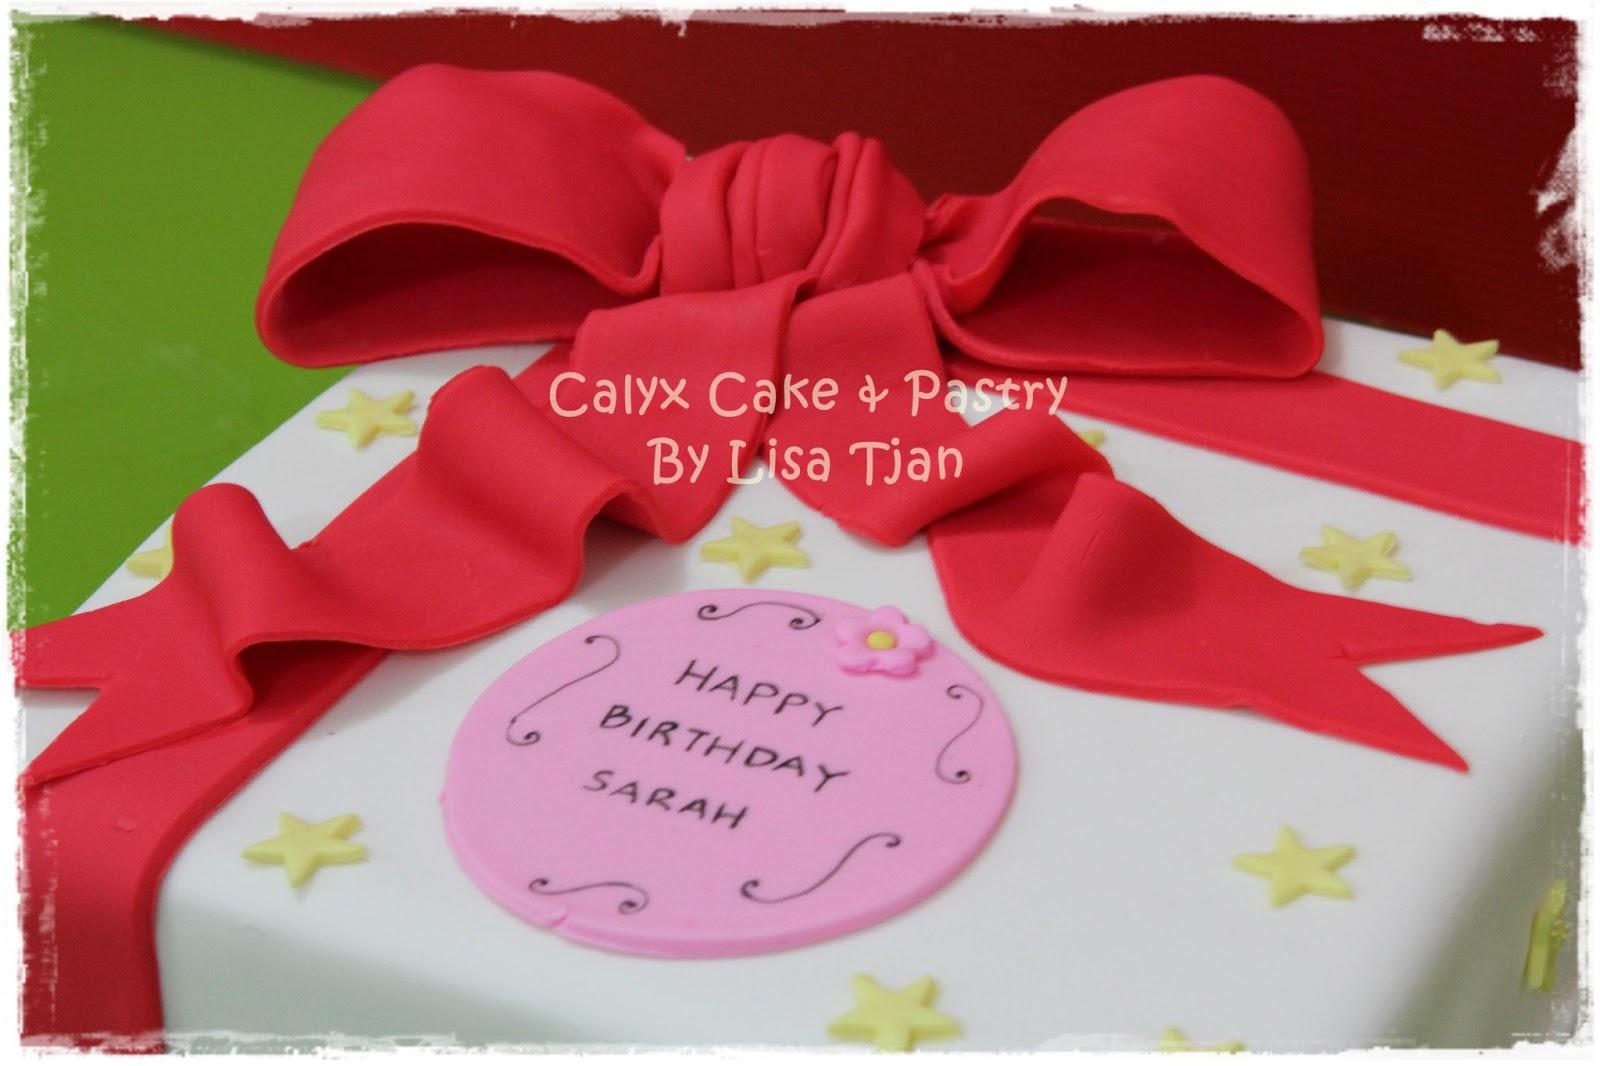 Calyx Cake Amp Pastry Gift Cake Sarah